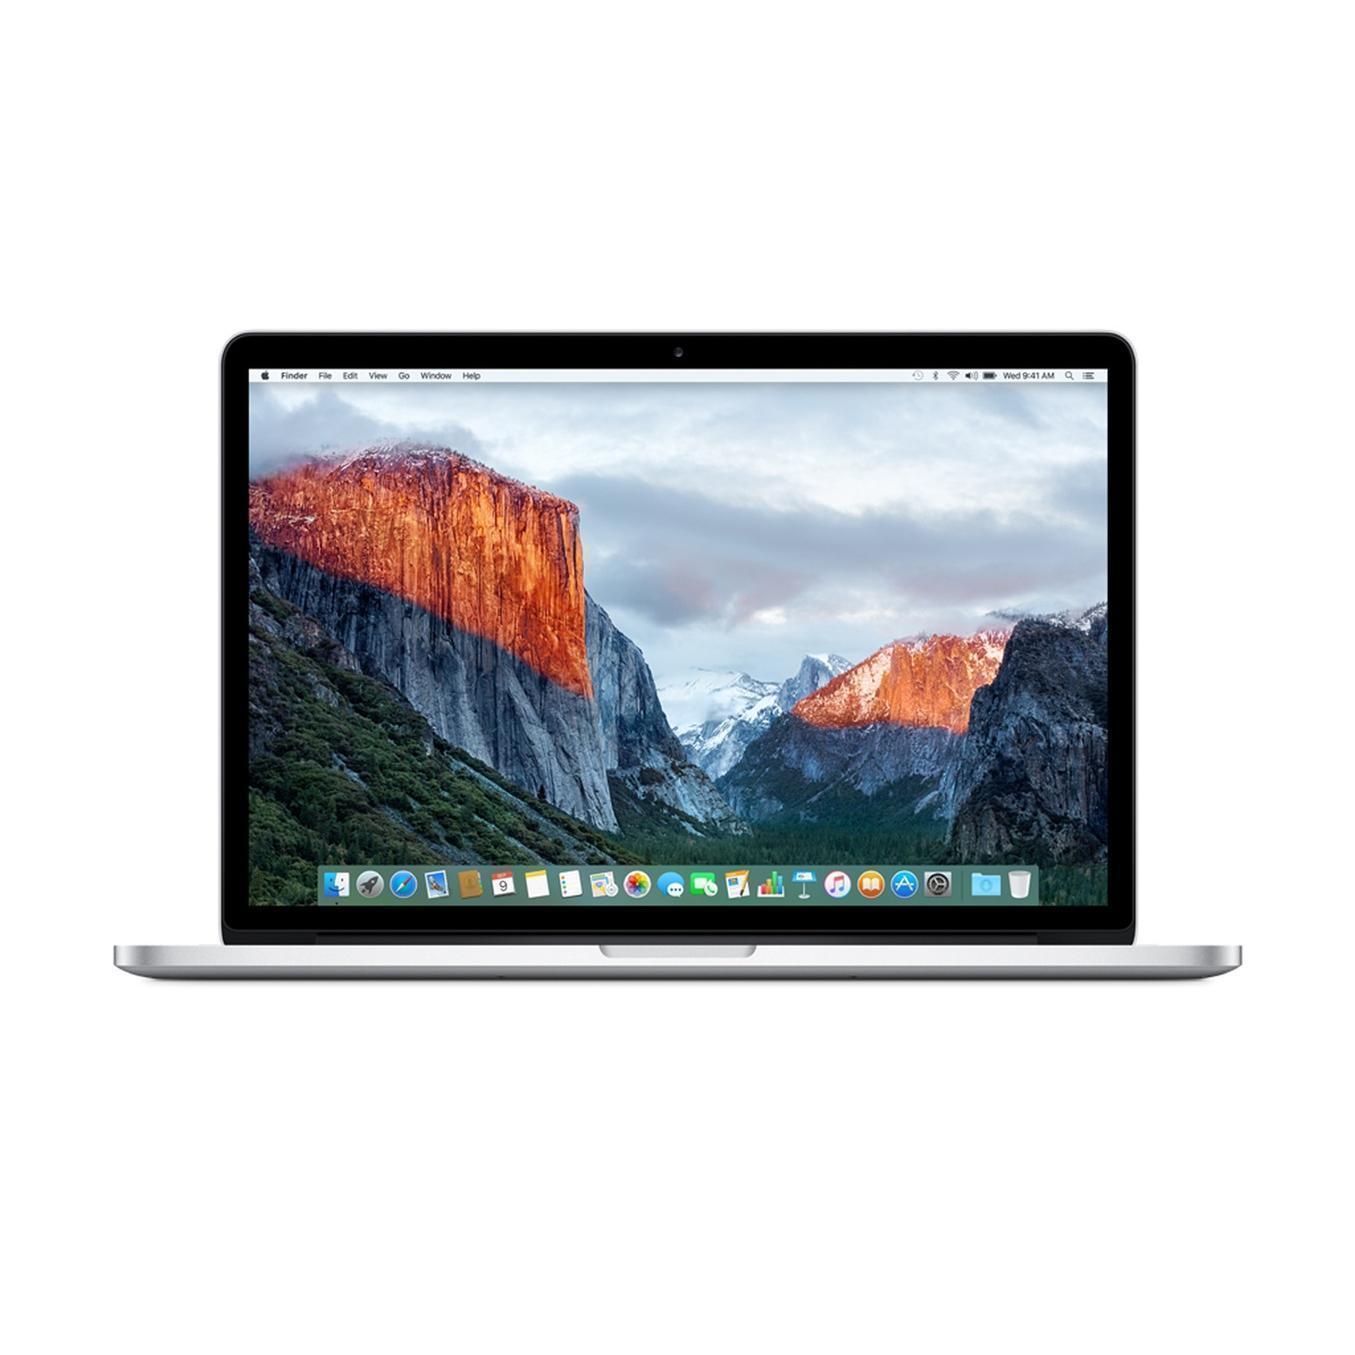 MacBook Pro Retina 15,4-tum (2013) - Core i7 - 8GB - SSD 128 GB QWERTY - Italienska